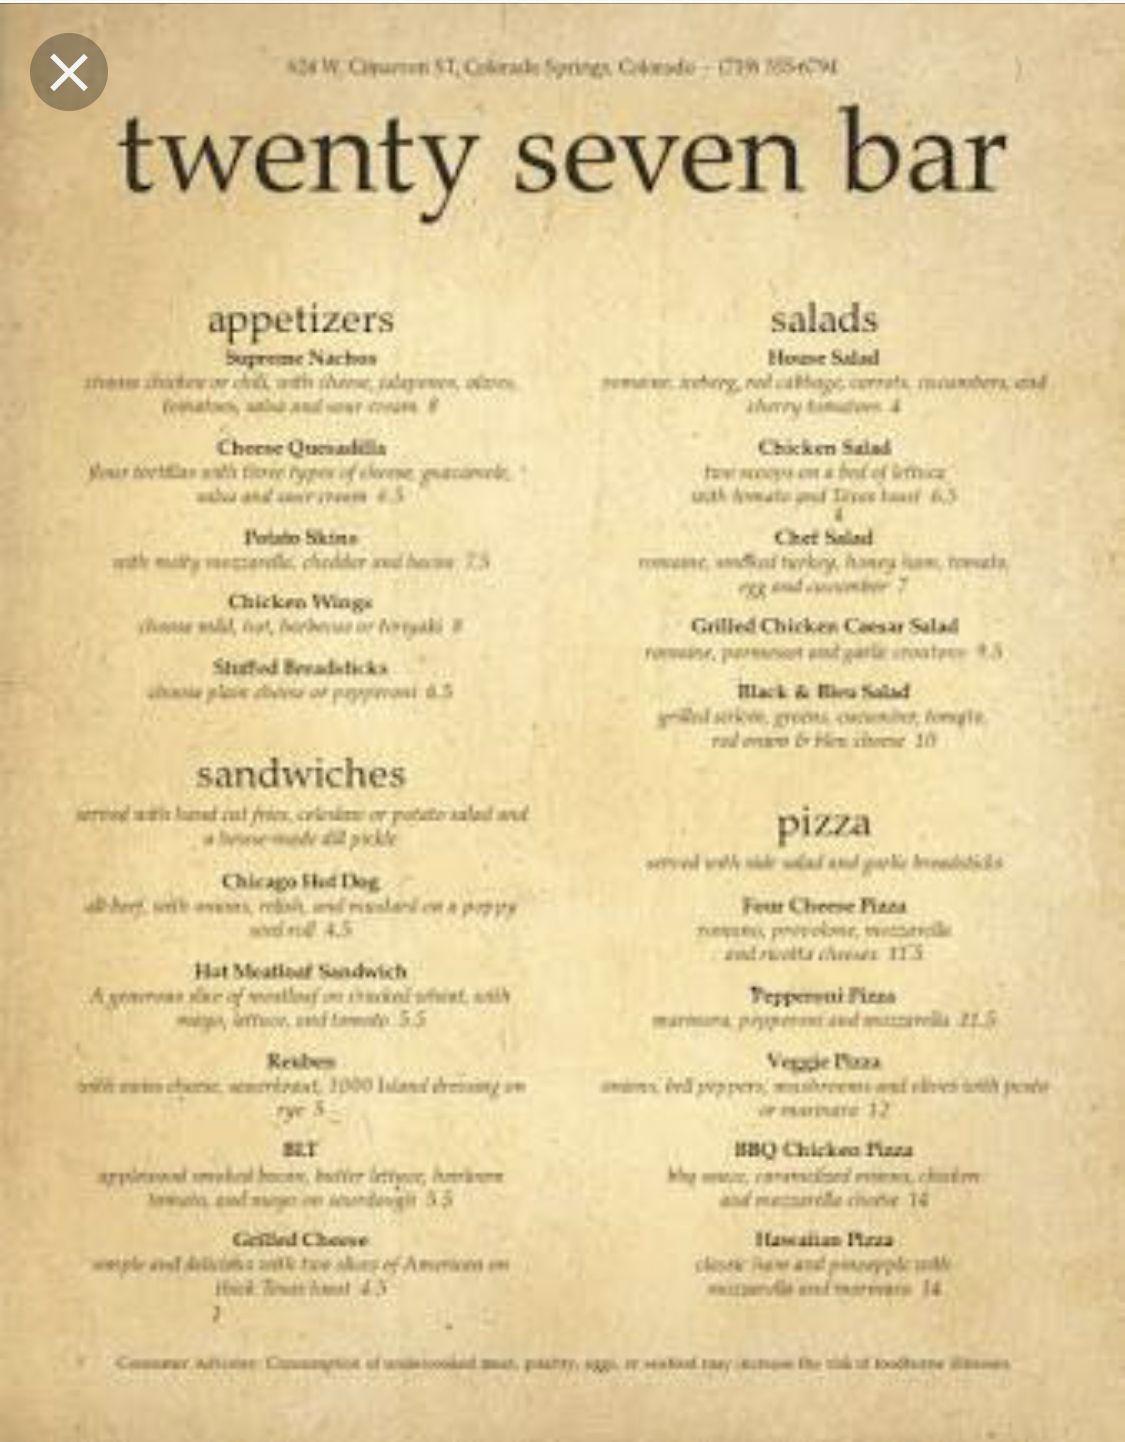 Pin by Horace Hiccup on Menu good Beer menu, Beer menu